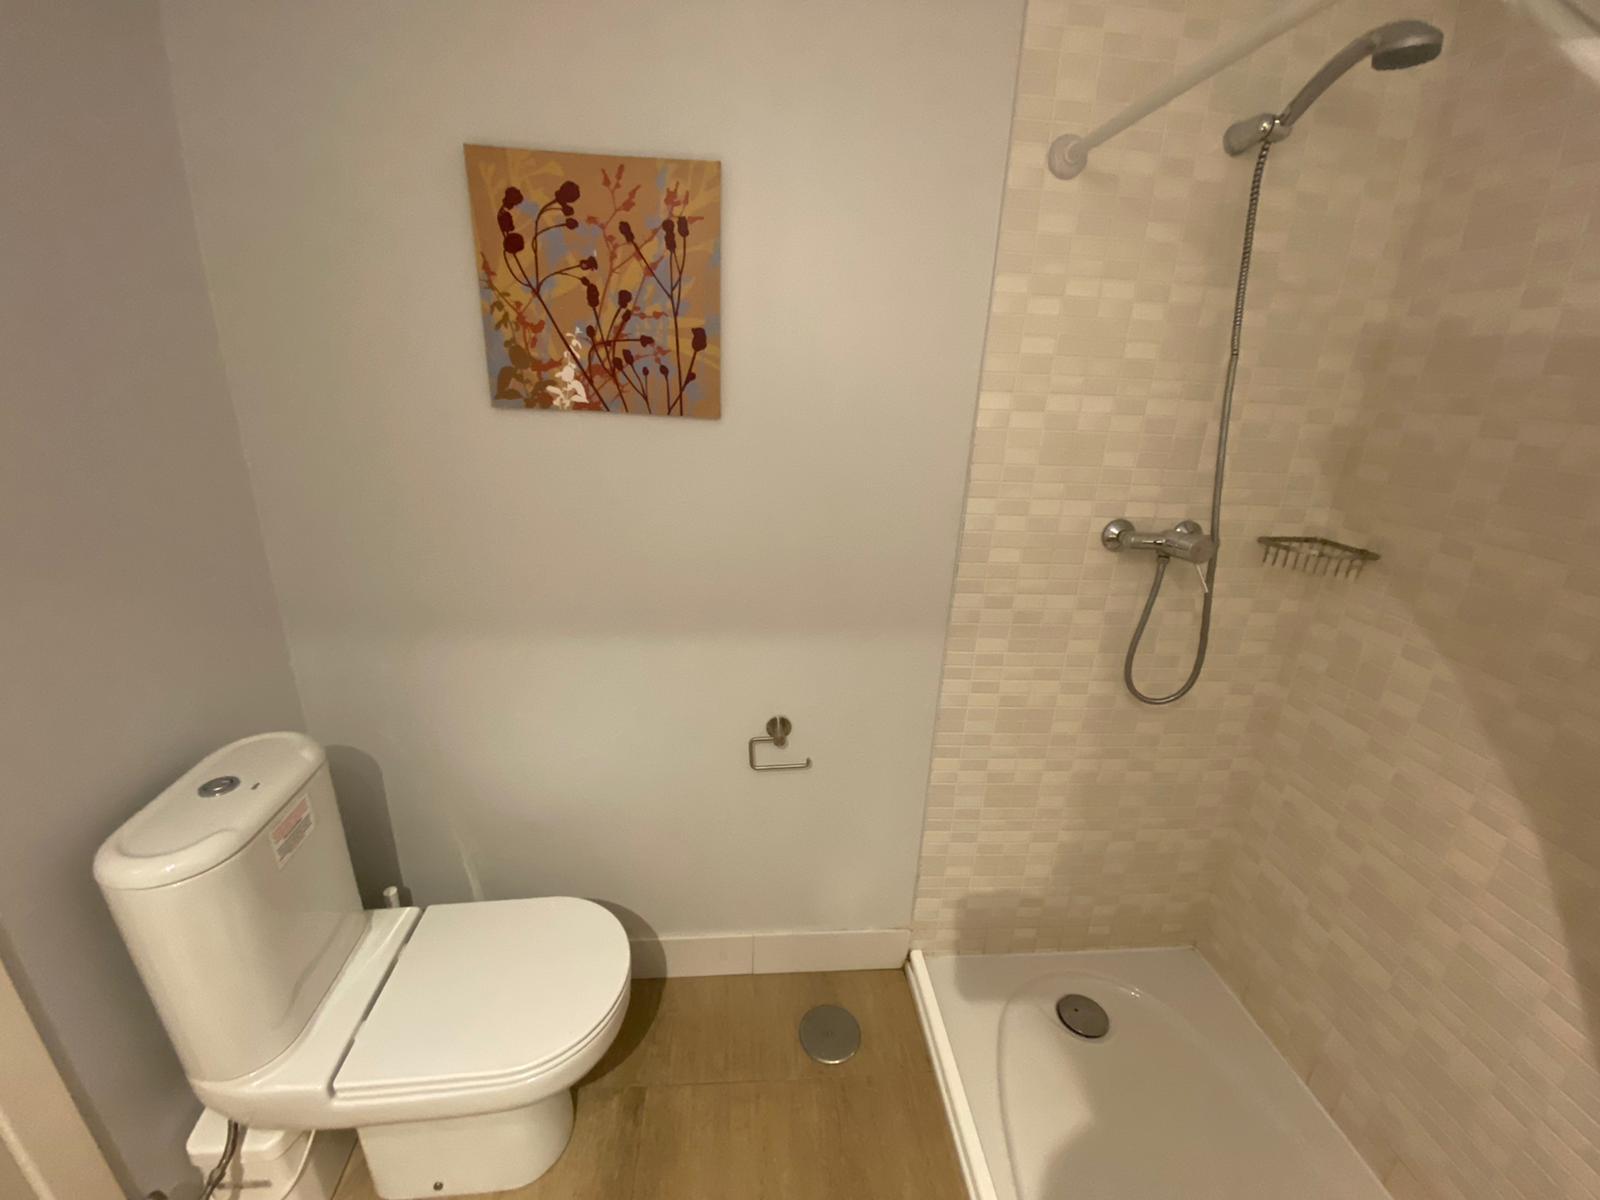 Imagen 31 del Apartamento Turístico, Ático 8 Central (3d+2b), Punta del Moral (HUELVA), Paseo de la Cruz nº22